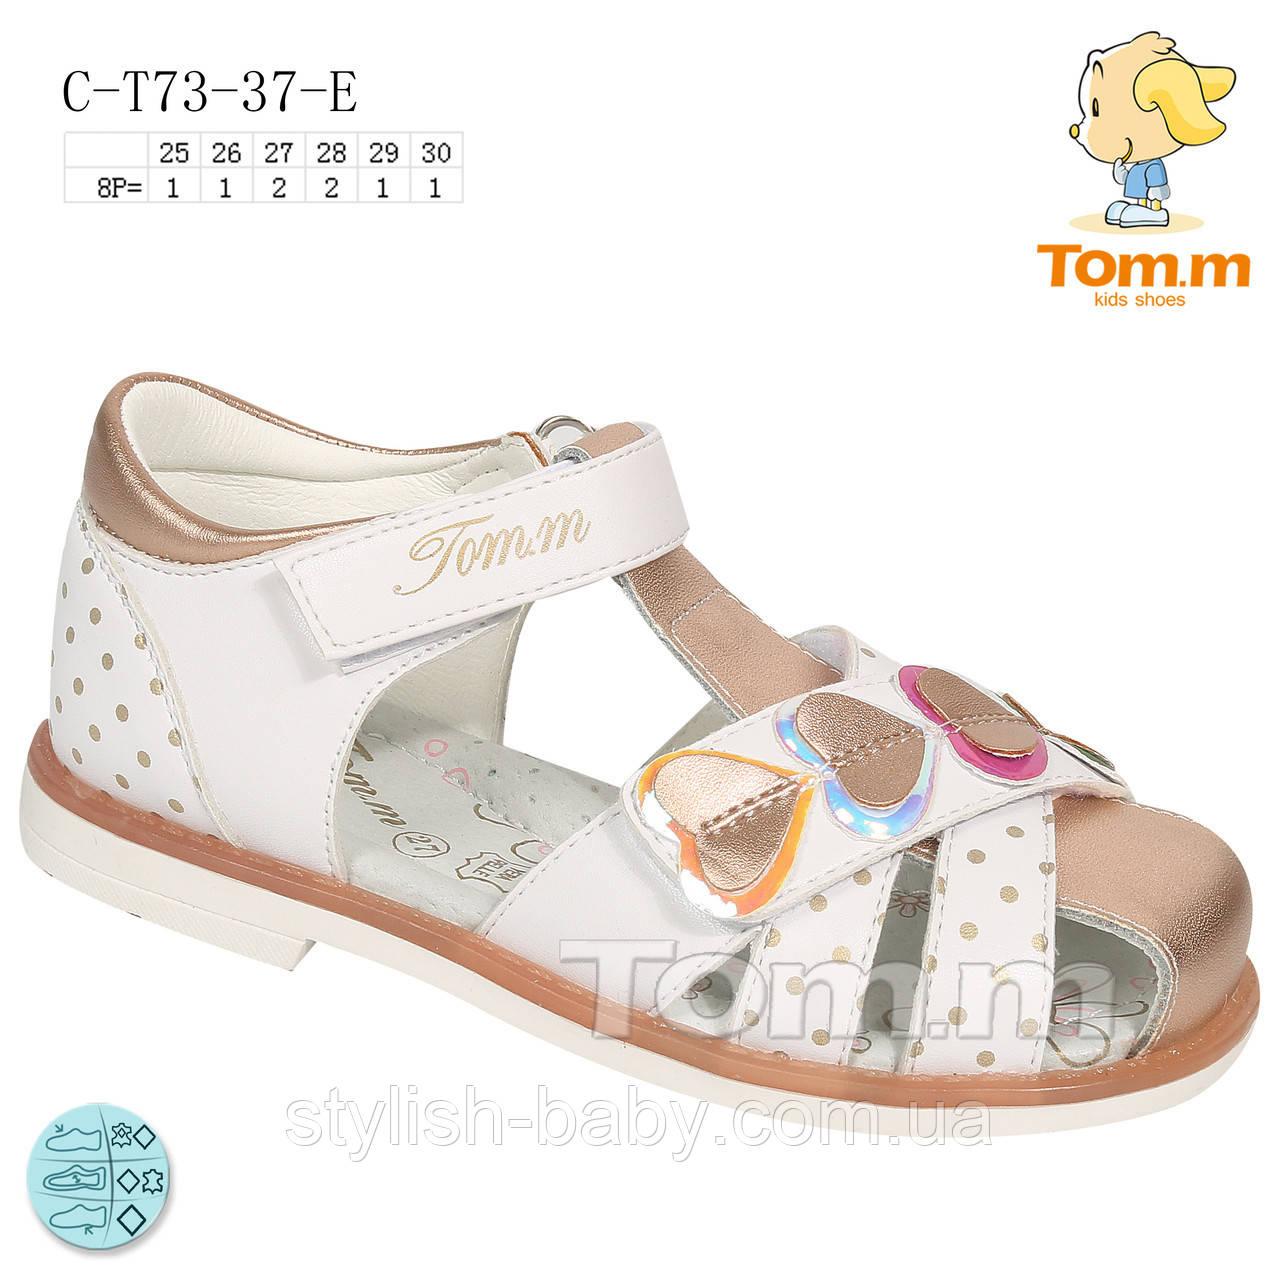 Детская летняя обувь 2020 оптом. Детские босоножки бренда Tom.m для девочек (рр. с 25 по 30)